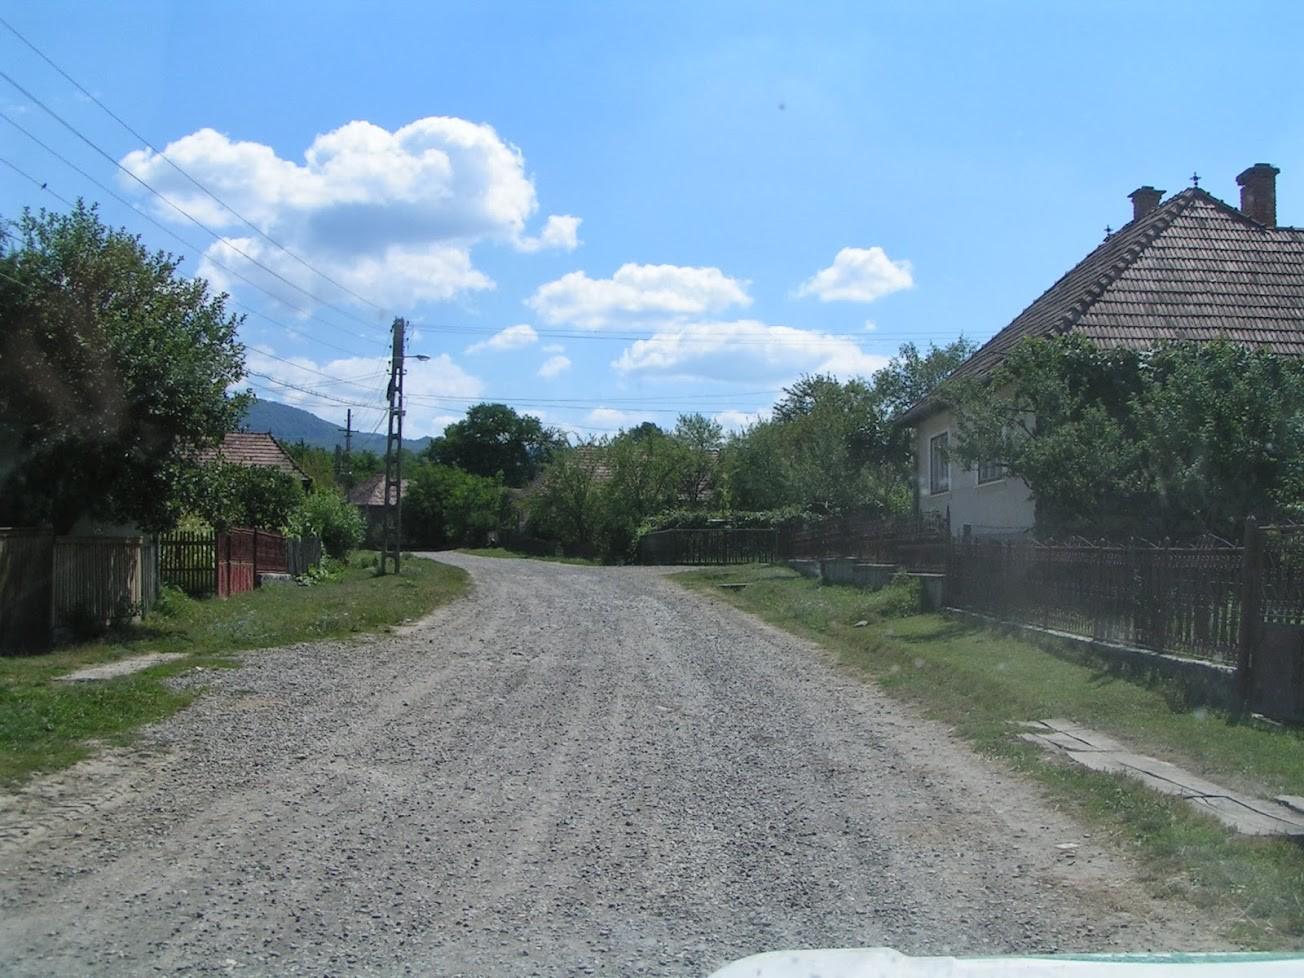 Roumanie bivouac 20